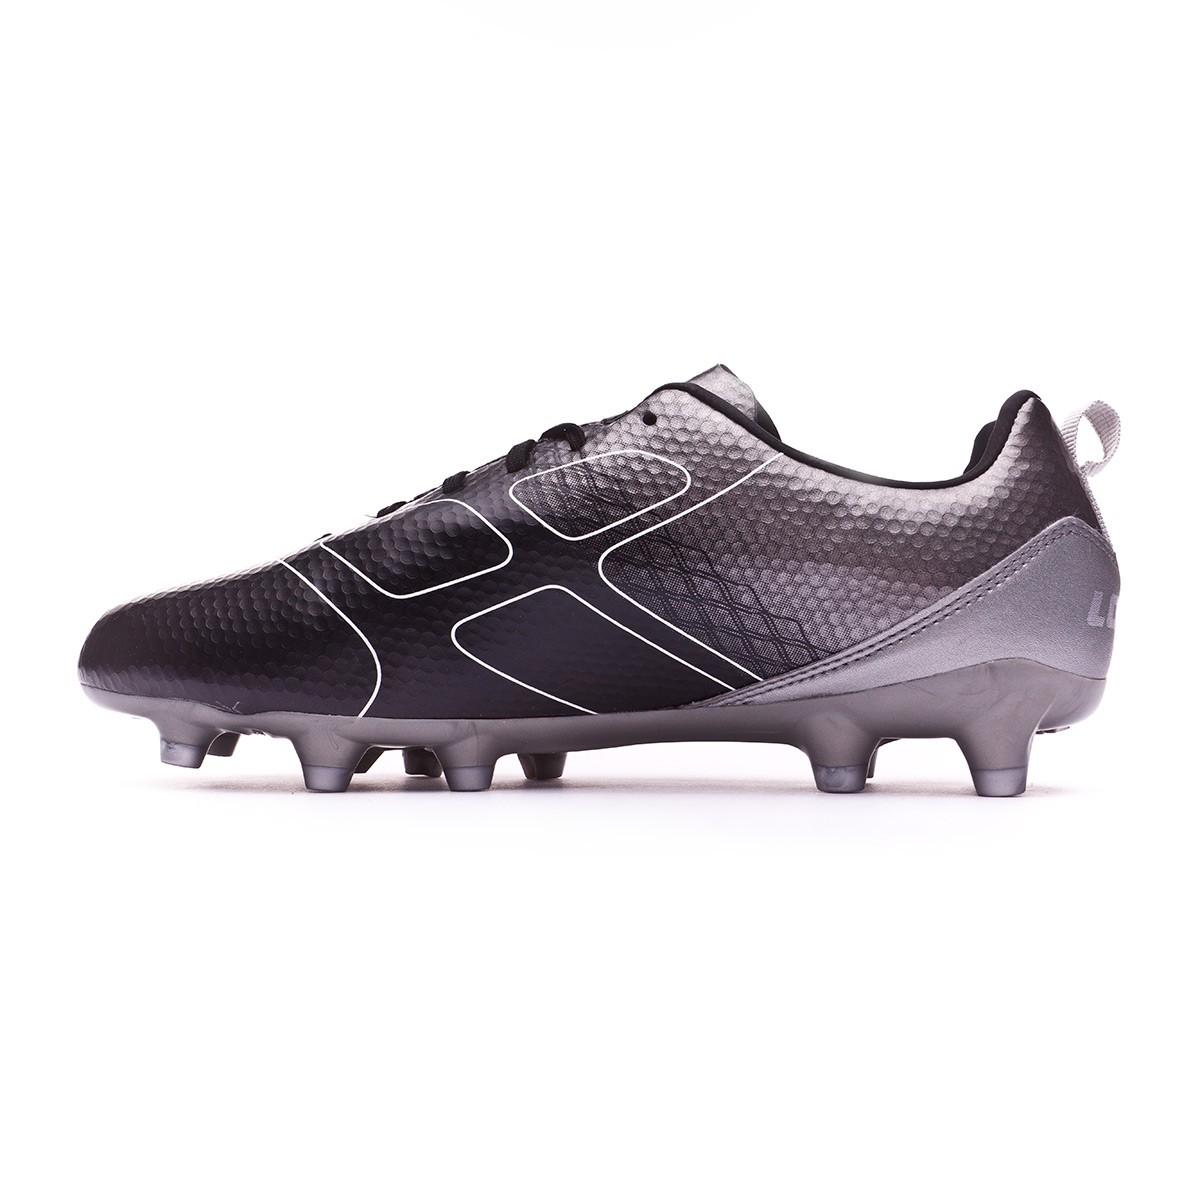 Di Emotion Negozio Silver Calcio Lotto Fg Fútbol Maestro Black 700 Scarpe qxR0XvwwY